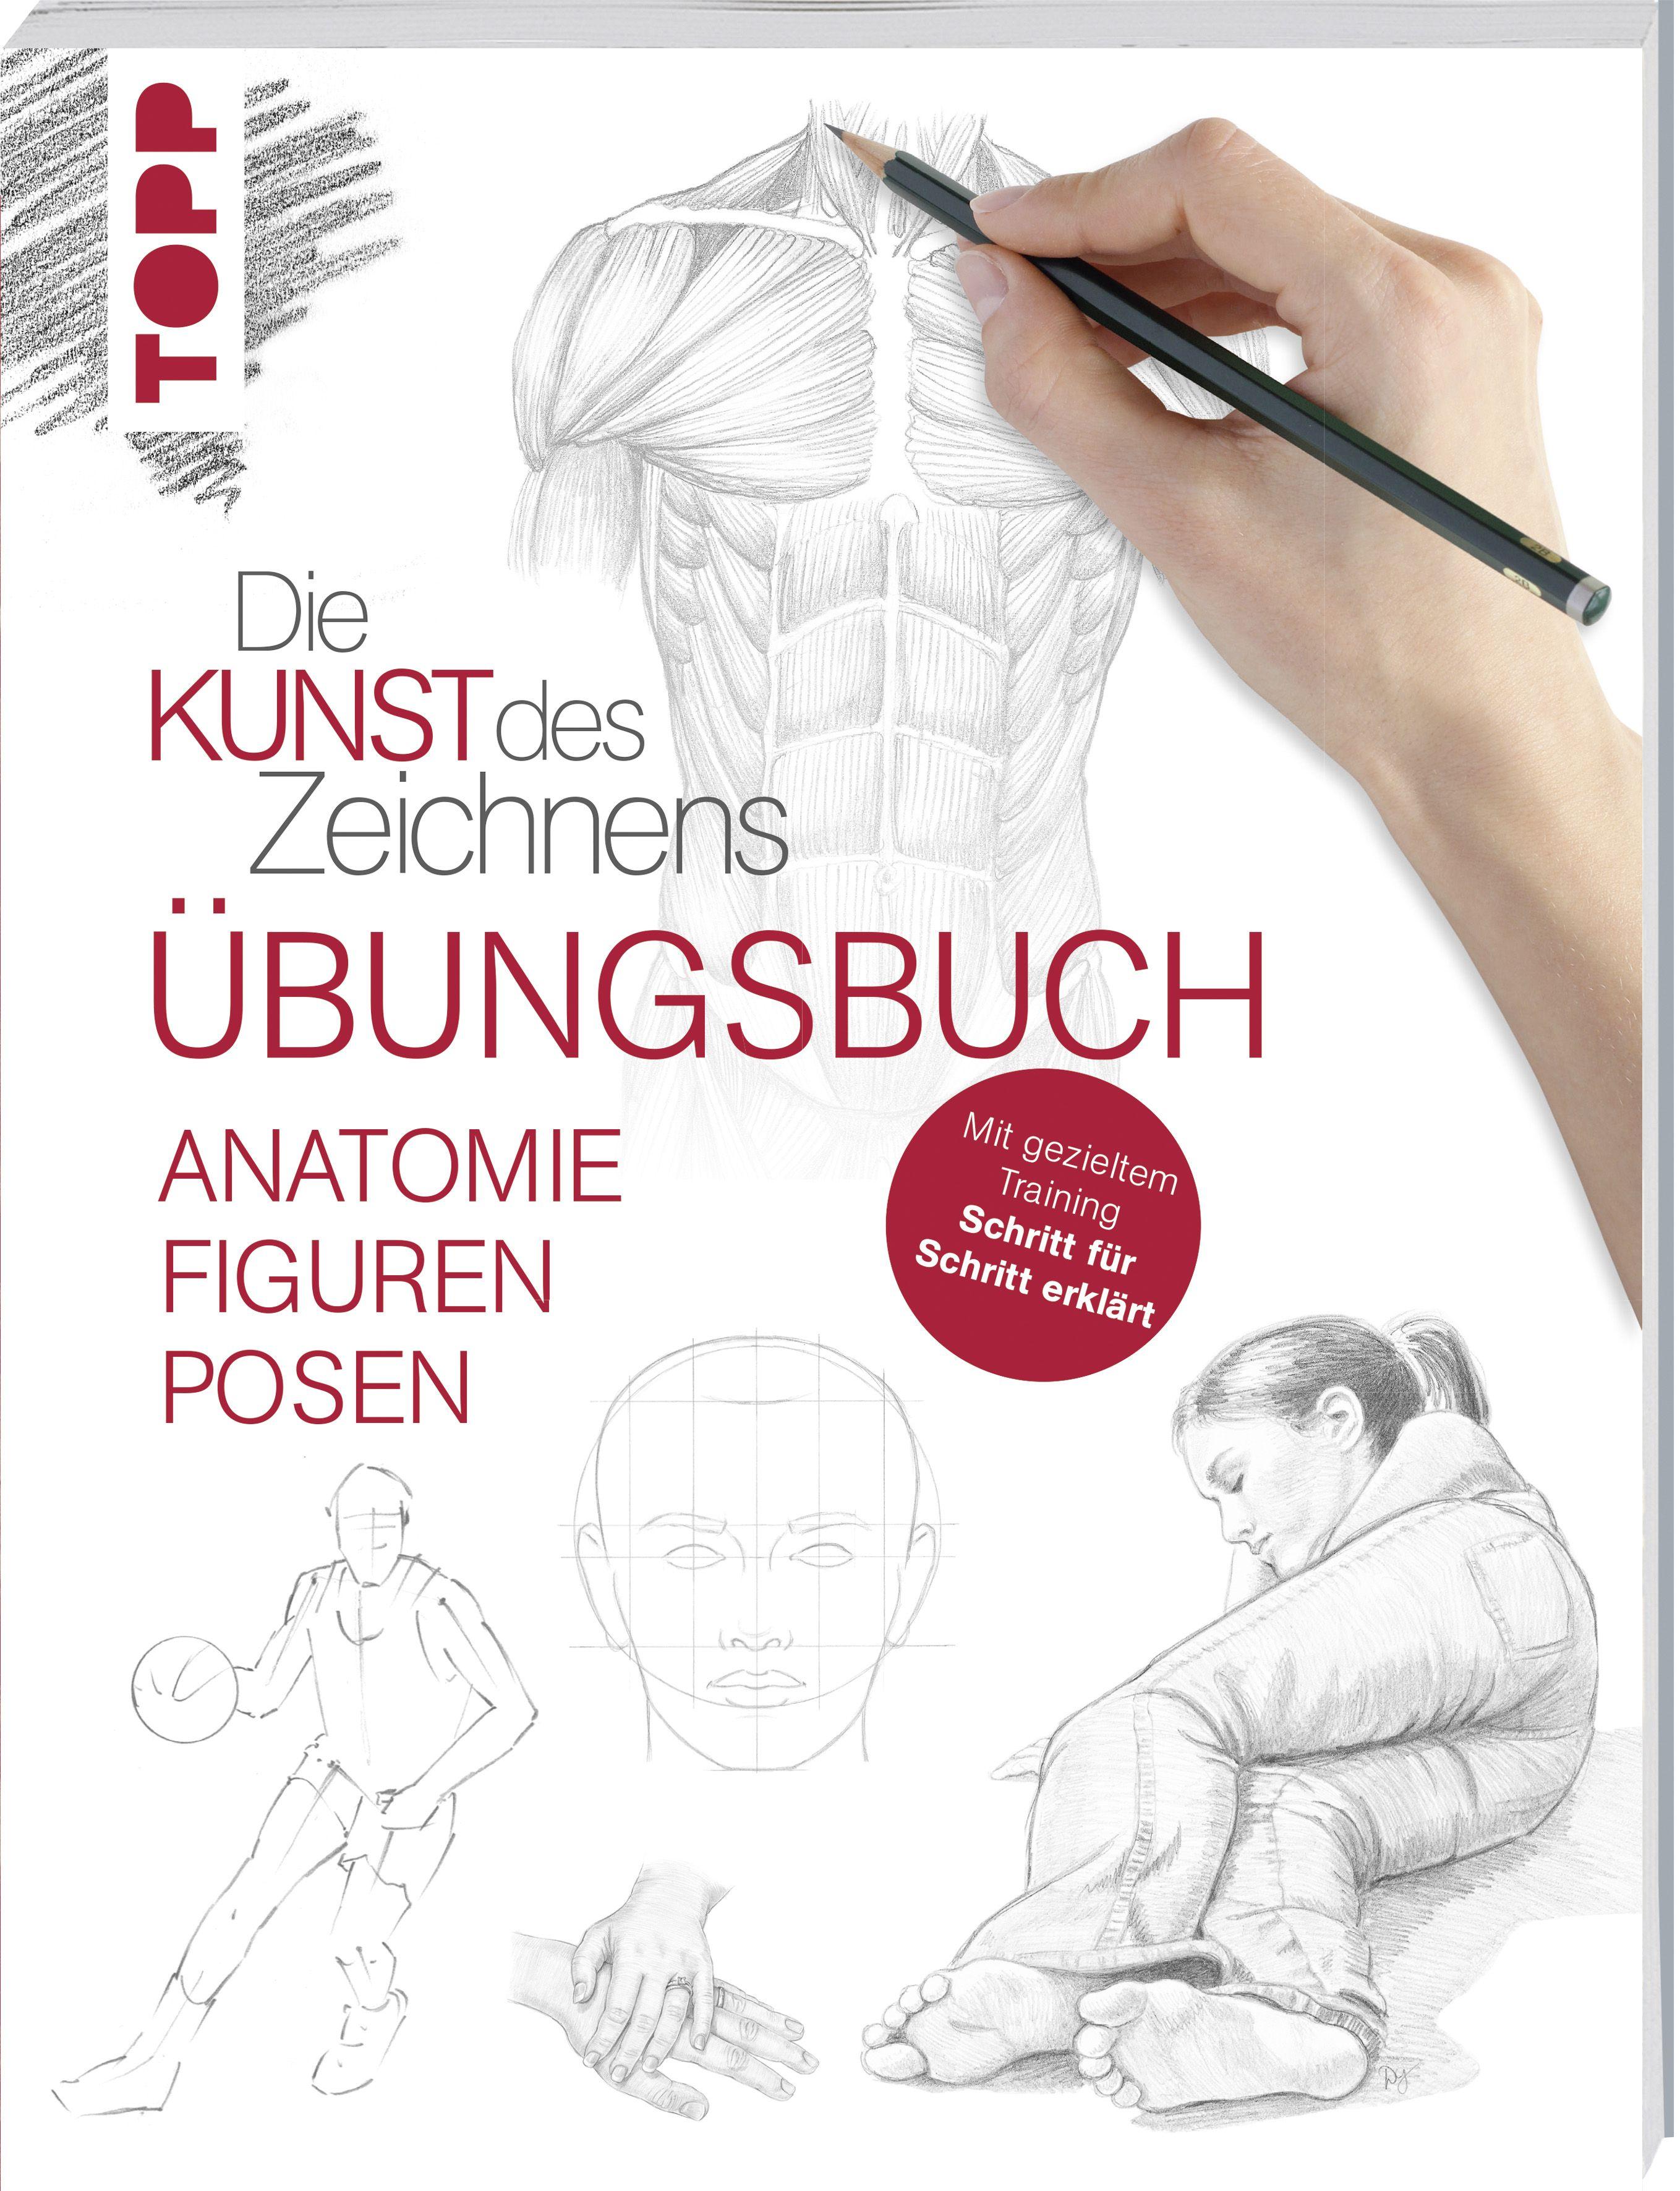 Ausgezeichnet Anatomie Malbuch Online Zeitgenössisch - Malvorlagen ...